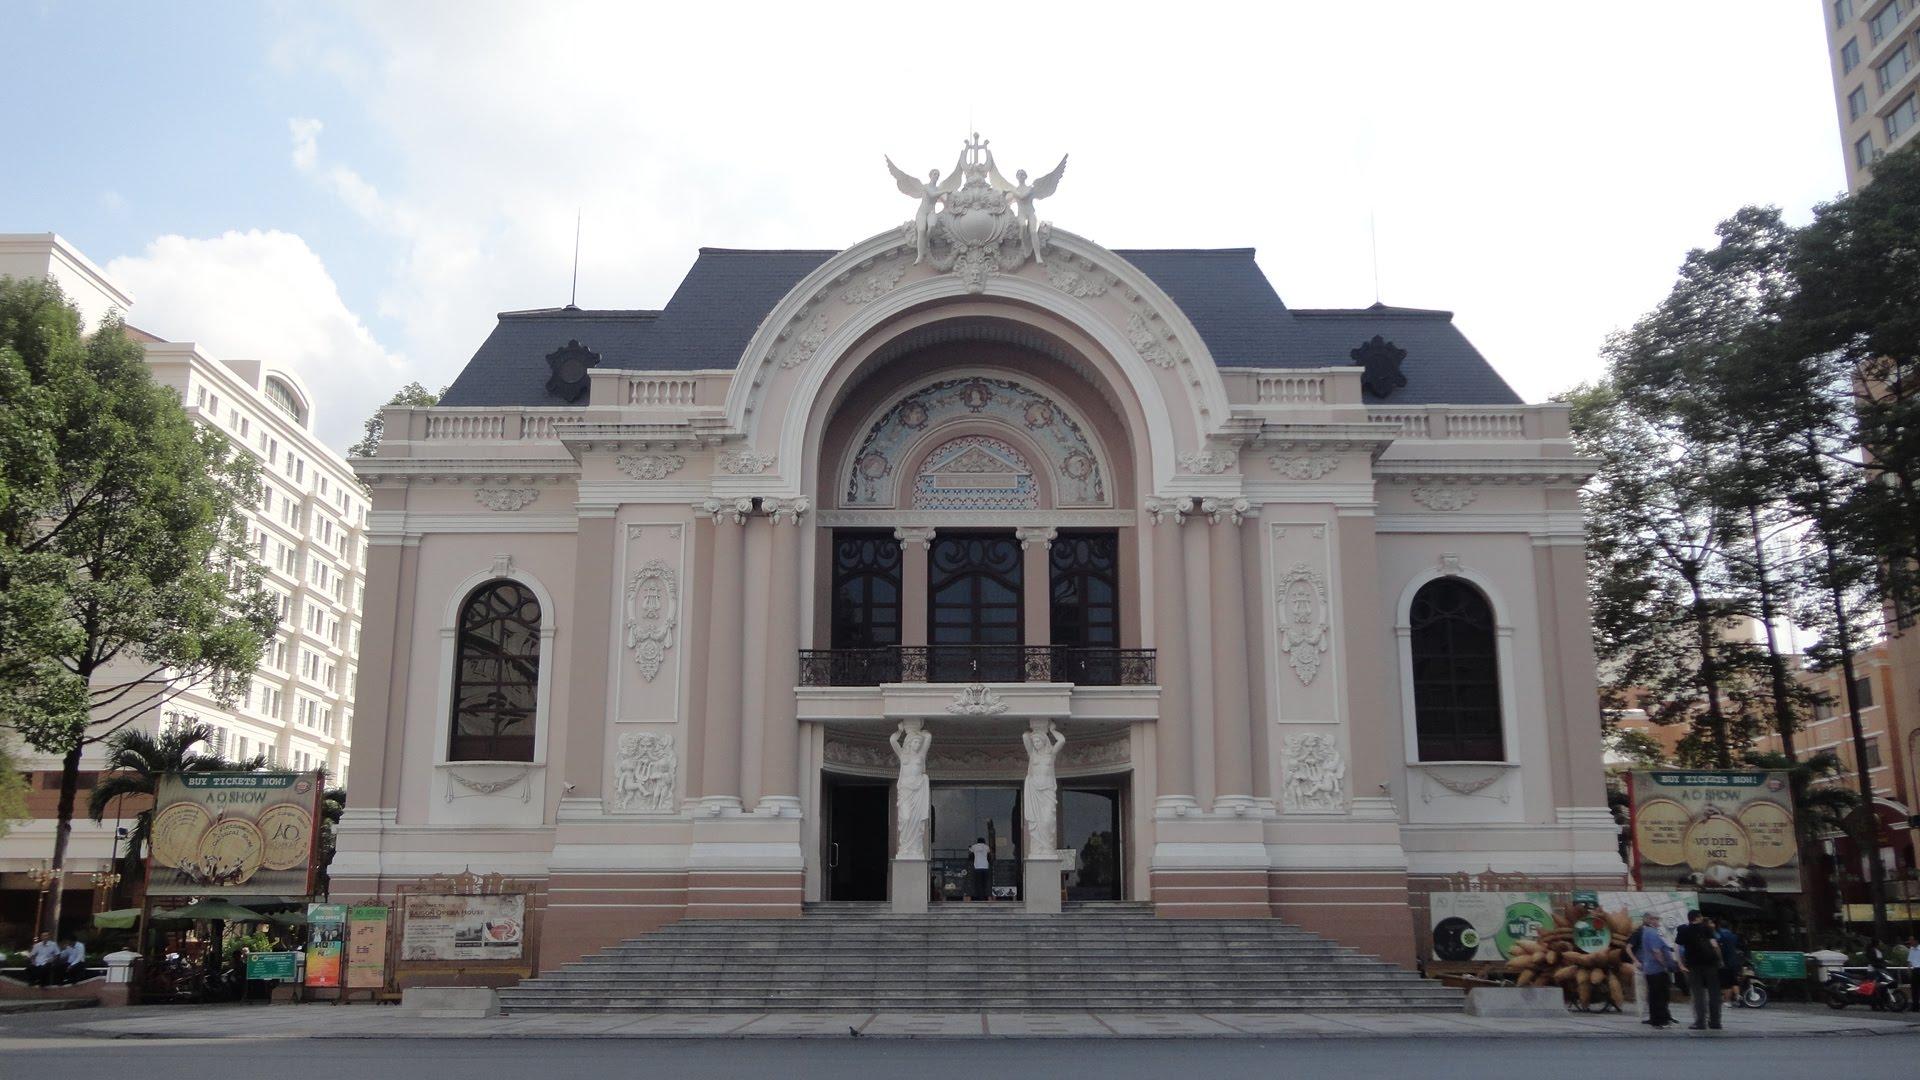 Phong cảnh Sài Gòn- Nhà hát TP Hồ Chí Minh